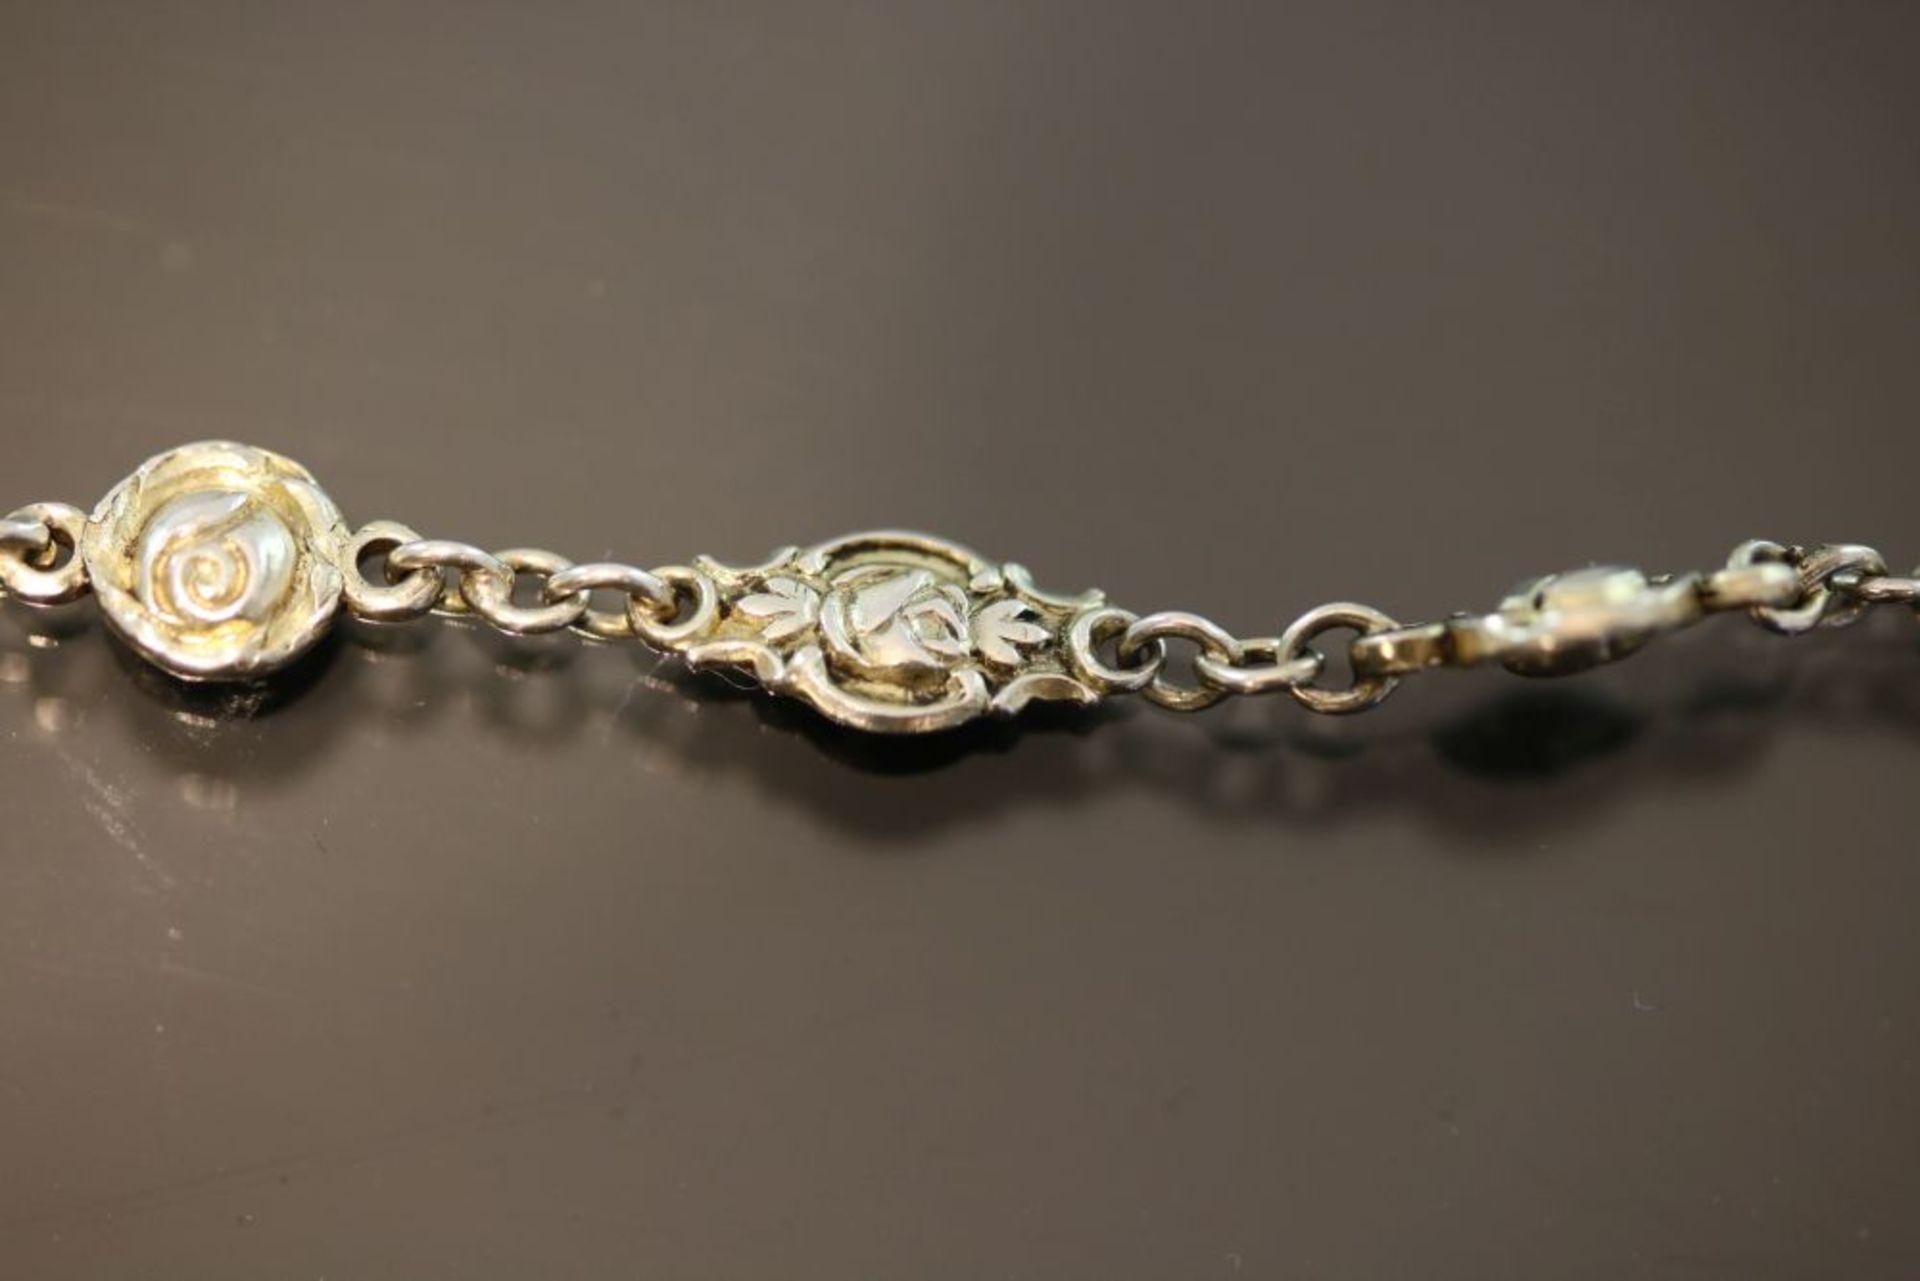 Silberkette Rosenmotiv, Silber vergoldet - Bild 2 aus 2